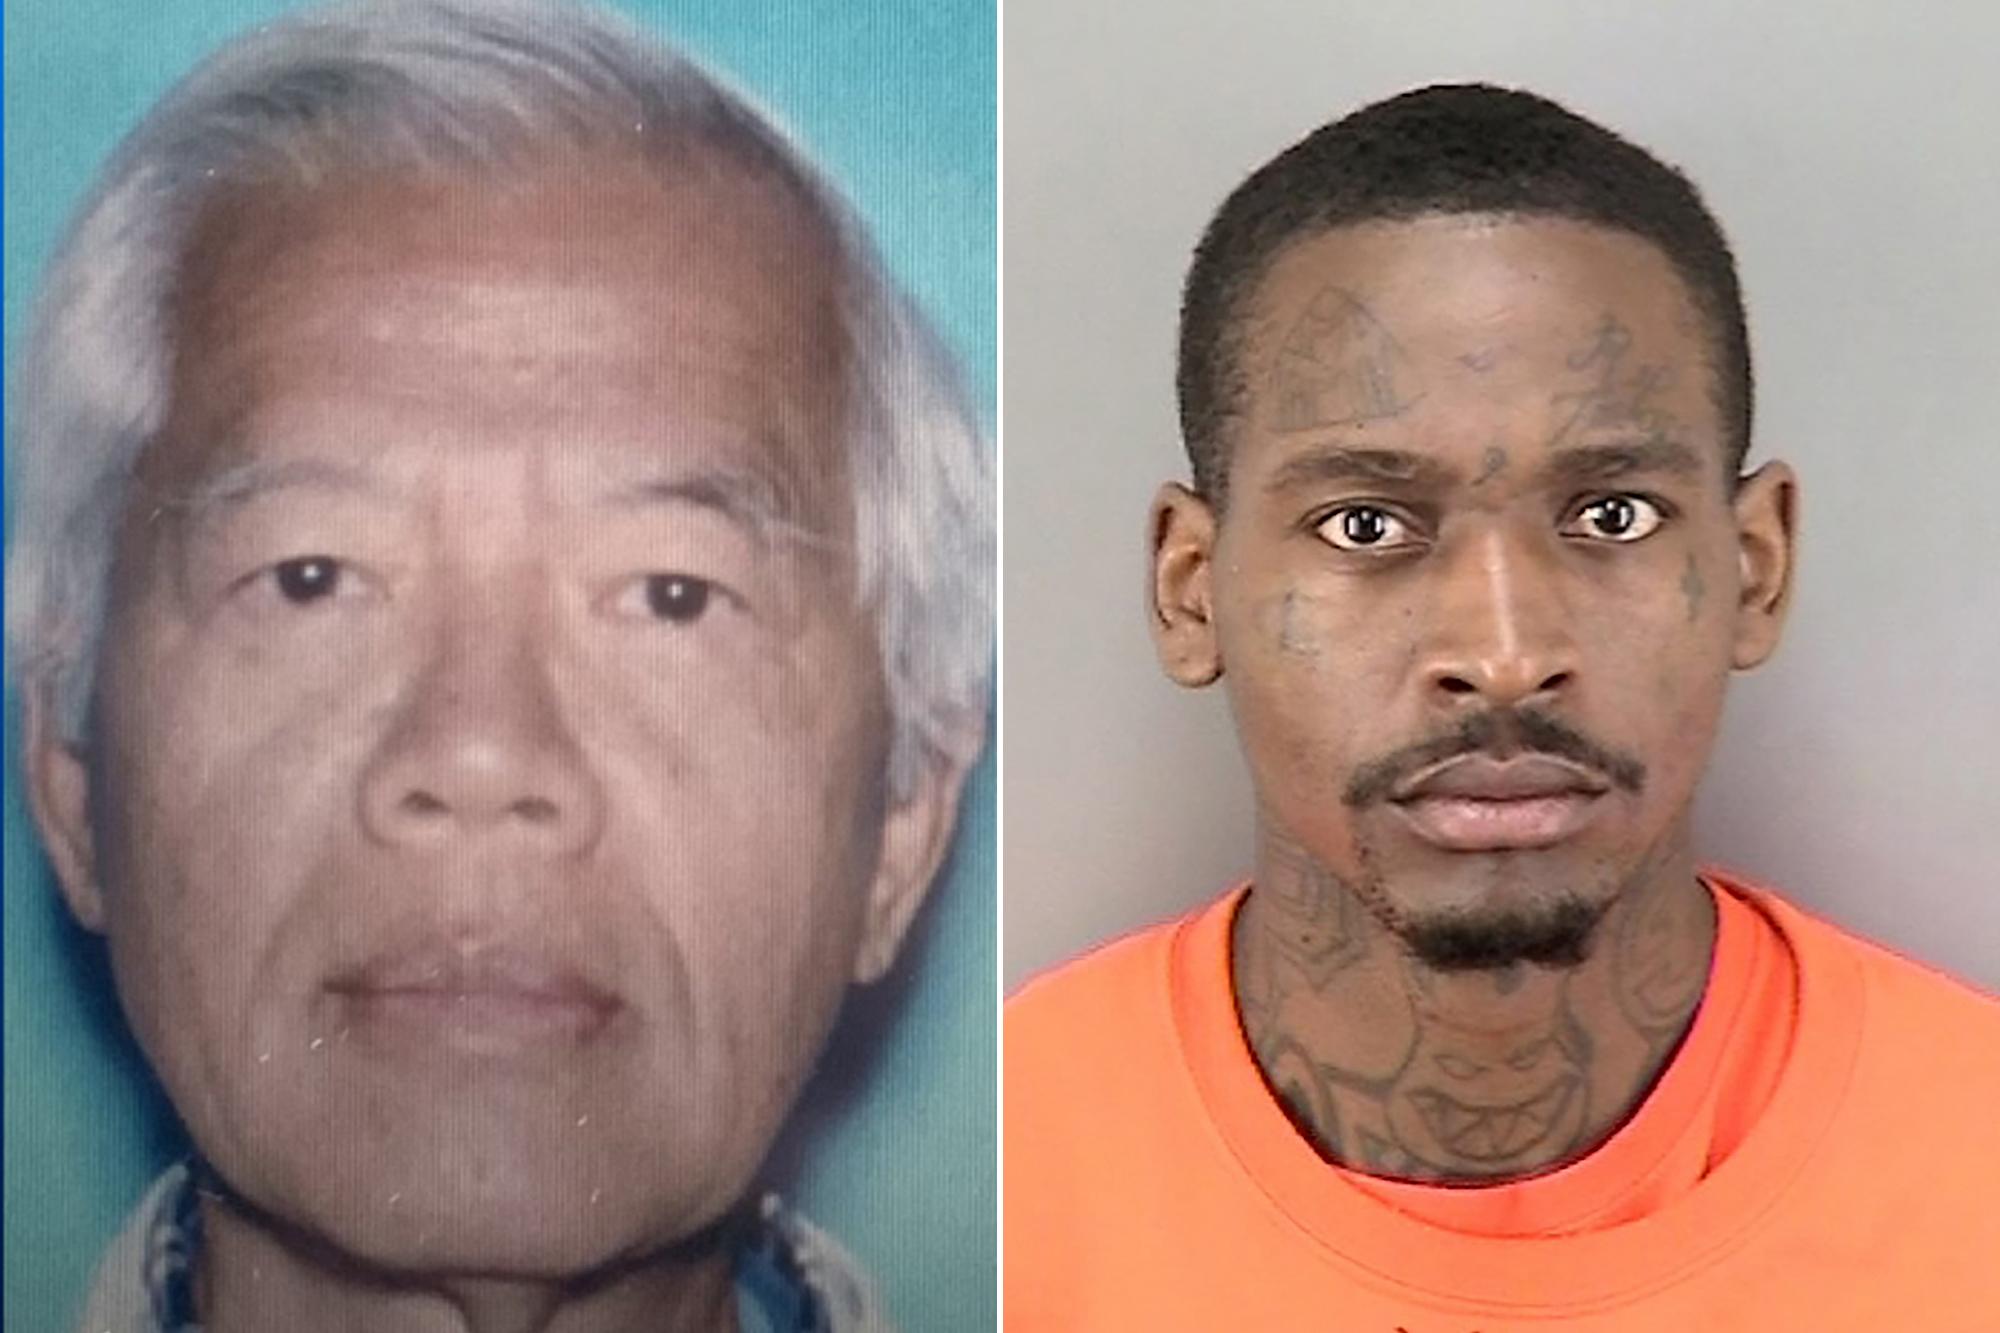 """【速報】 アメリカでアジア男性(75)が顔面を石で殴られて死亡、犯人は""""アジア人狩り""""の常習 顔あり"""